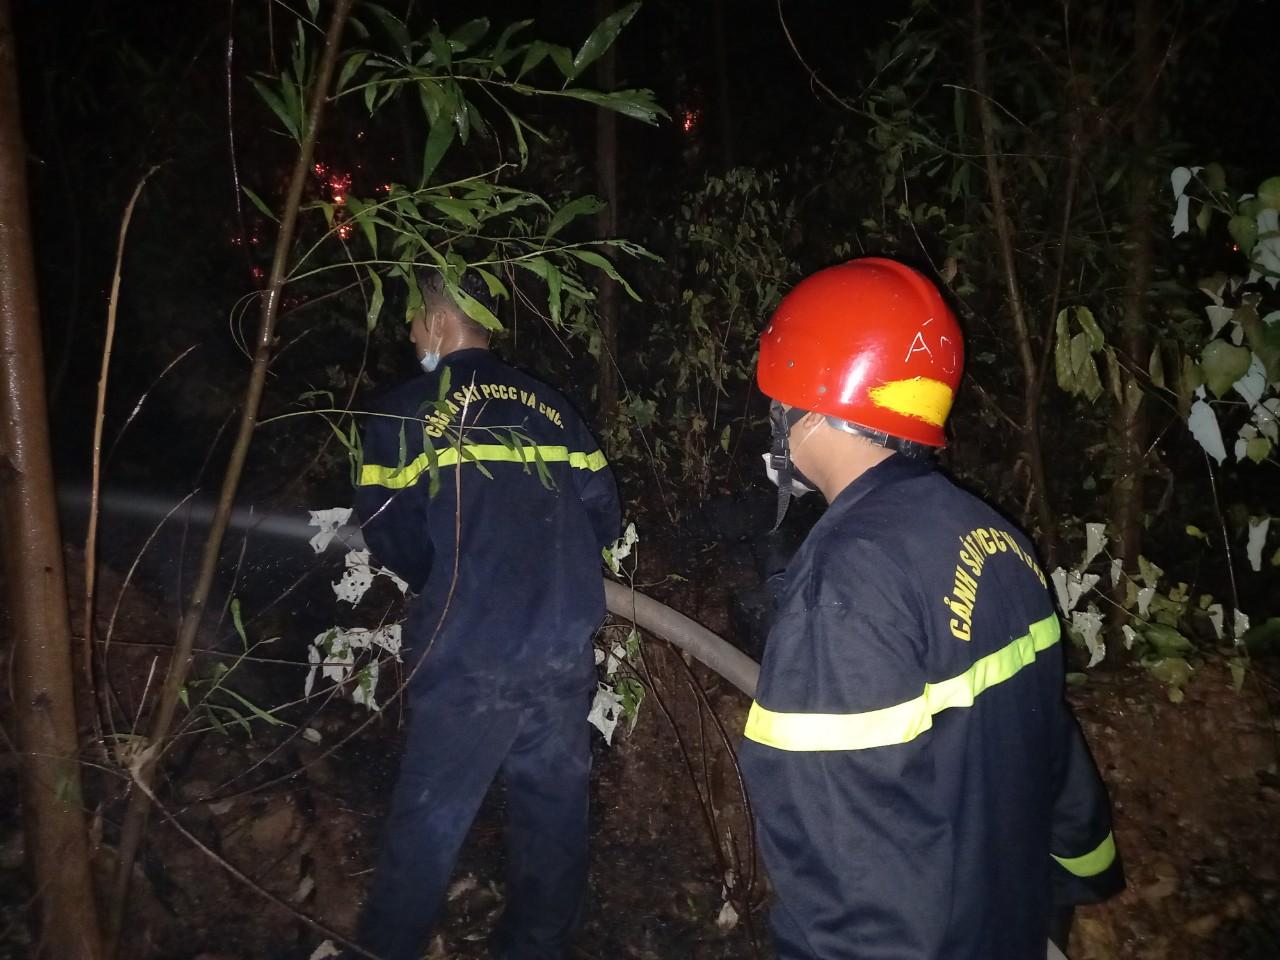 Do trời tối cùng gió lớn đã làm lửa lan rộng, bùng phát, cháy lan ra khu đồi thông hàng chục năm tuổi ở phường Phú Bài và phường Thủy Châu ngay sát Trạm Kiểm định đạn dược T264-K890.